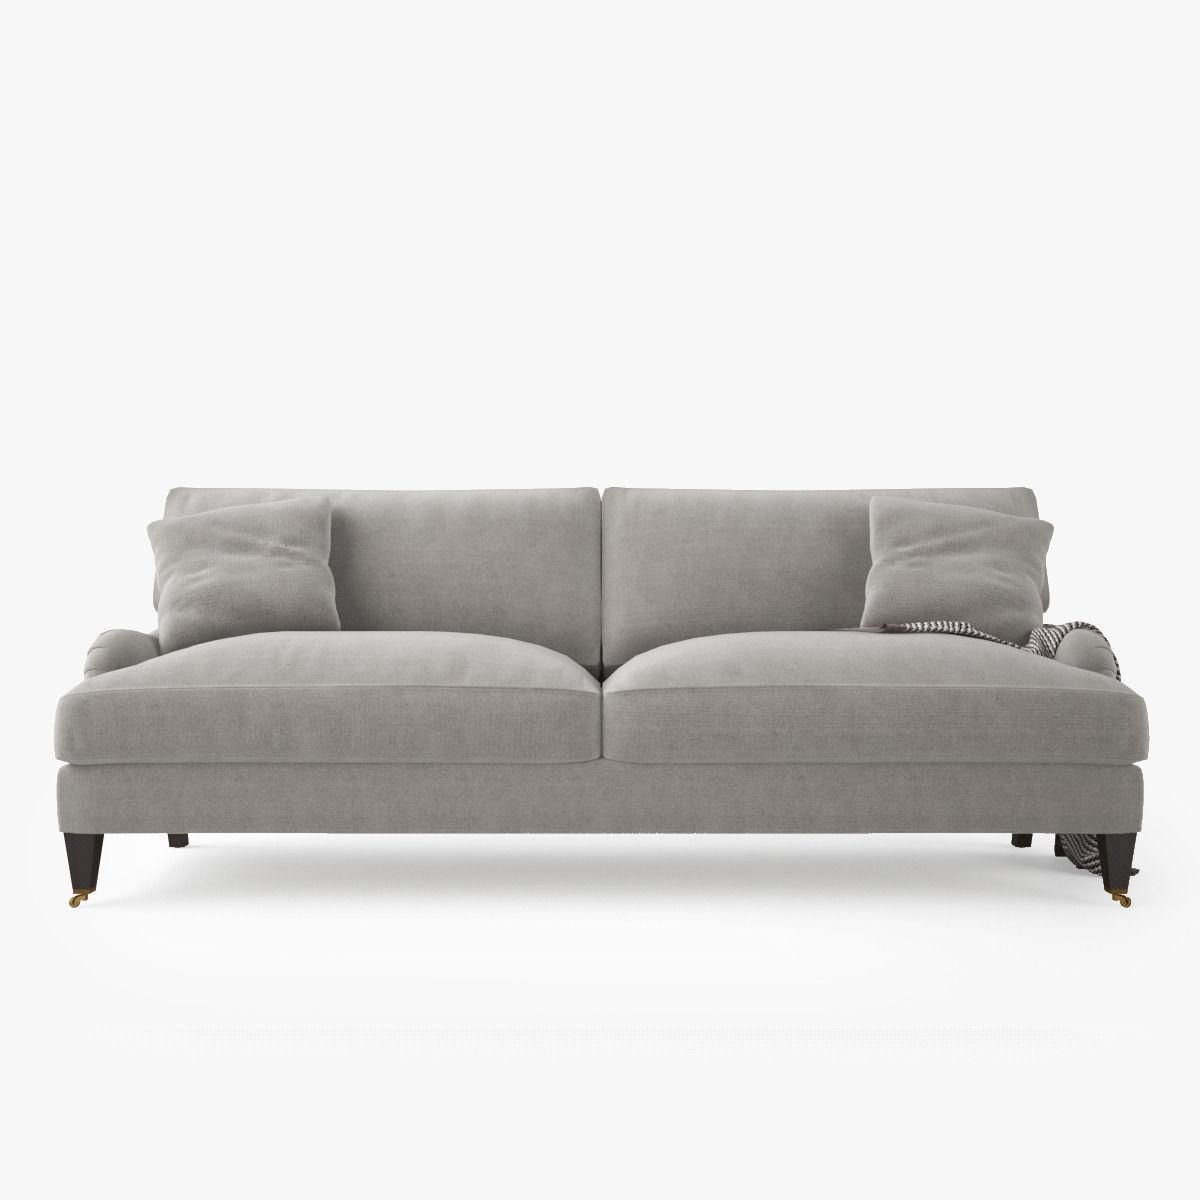 Crate And Barrel Es Sofa With Casters Model Max Obj Mtl Fbx 6